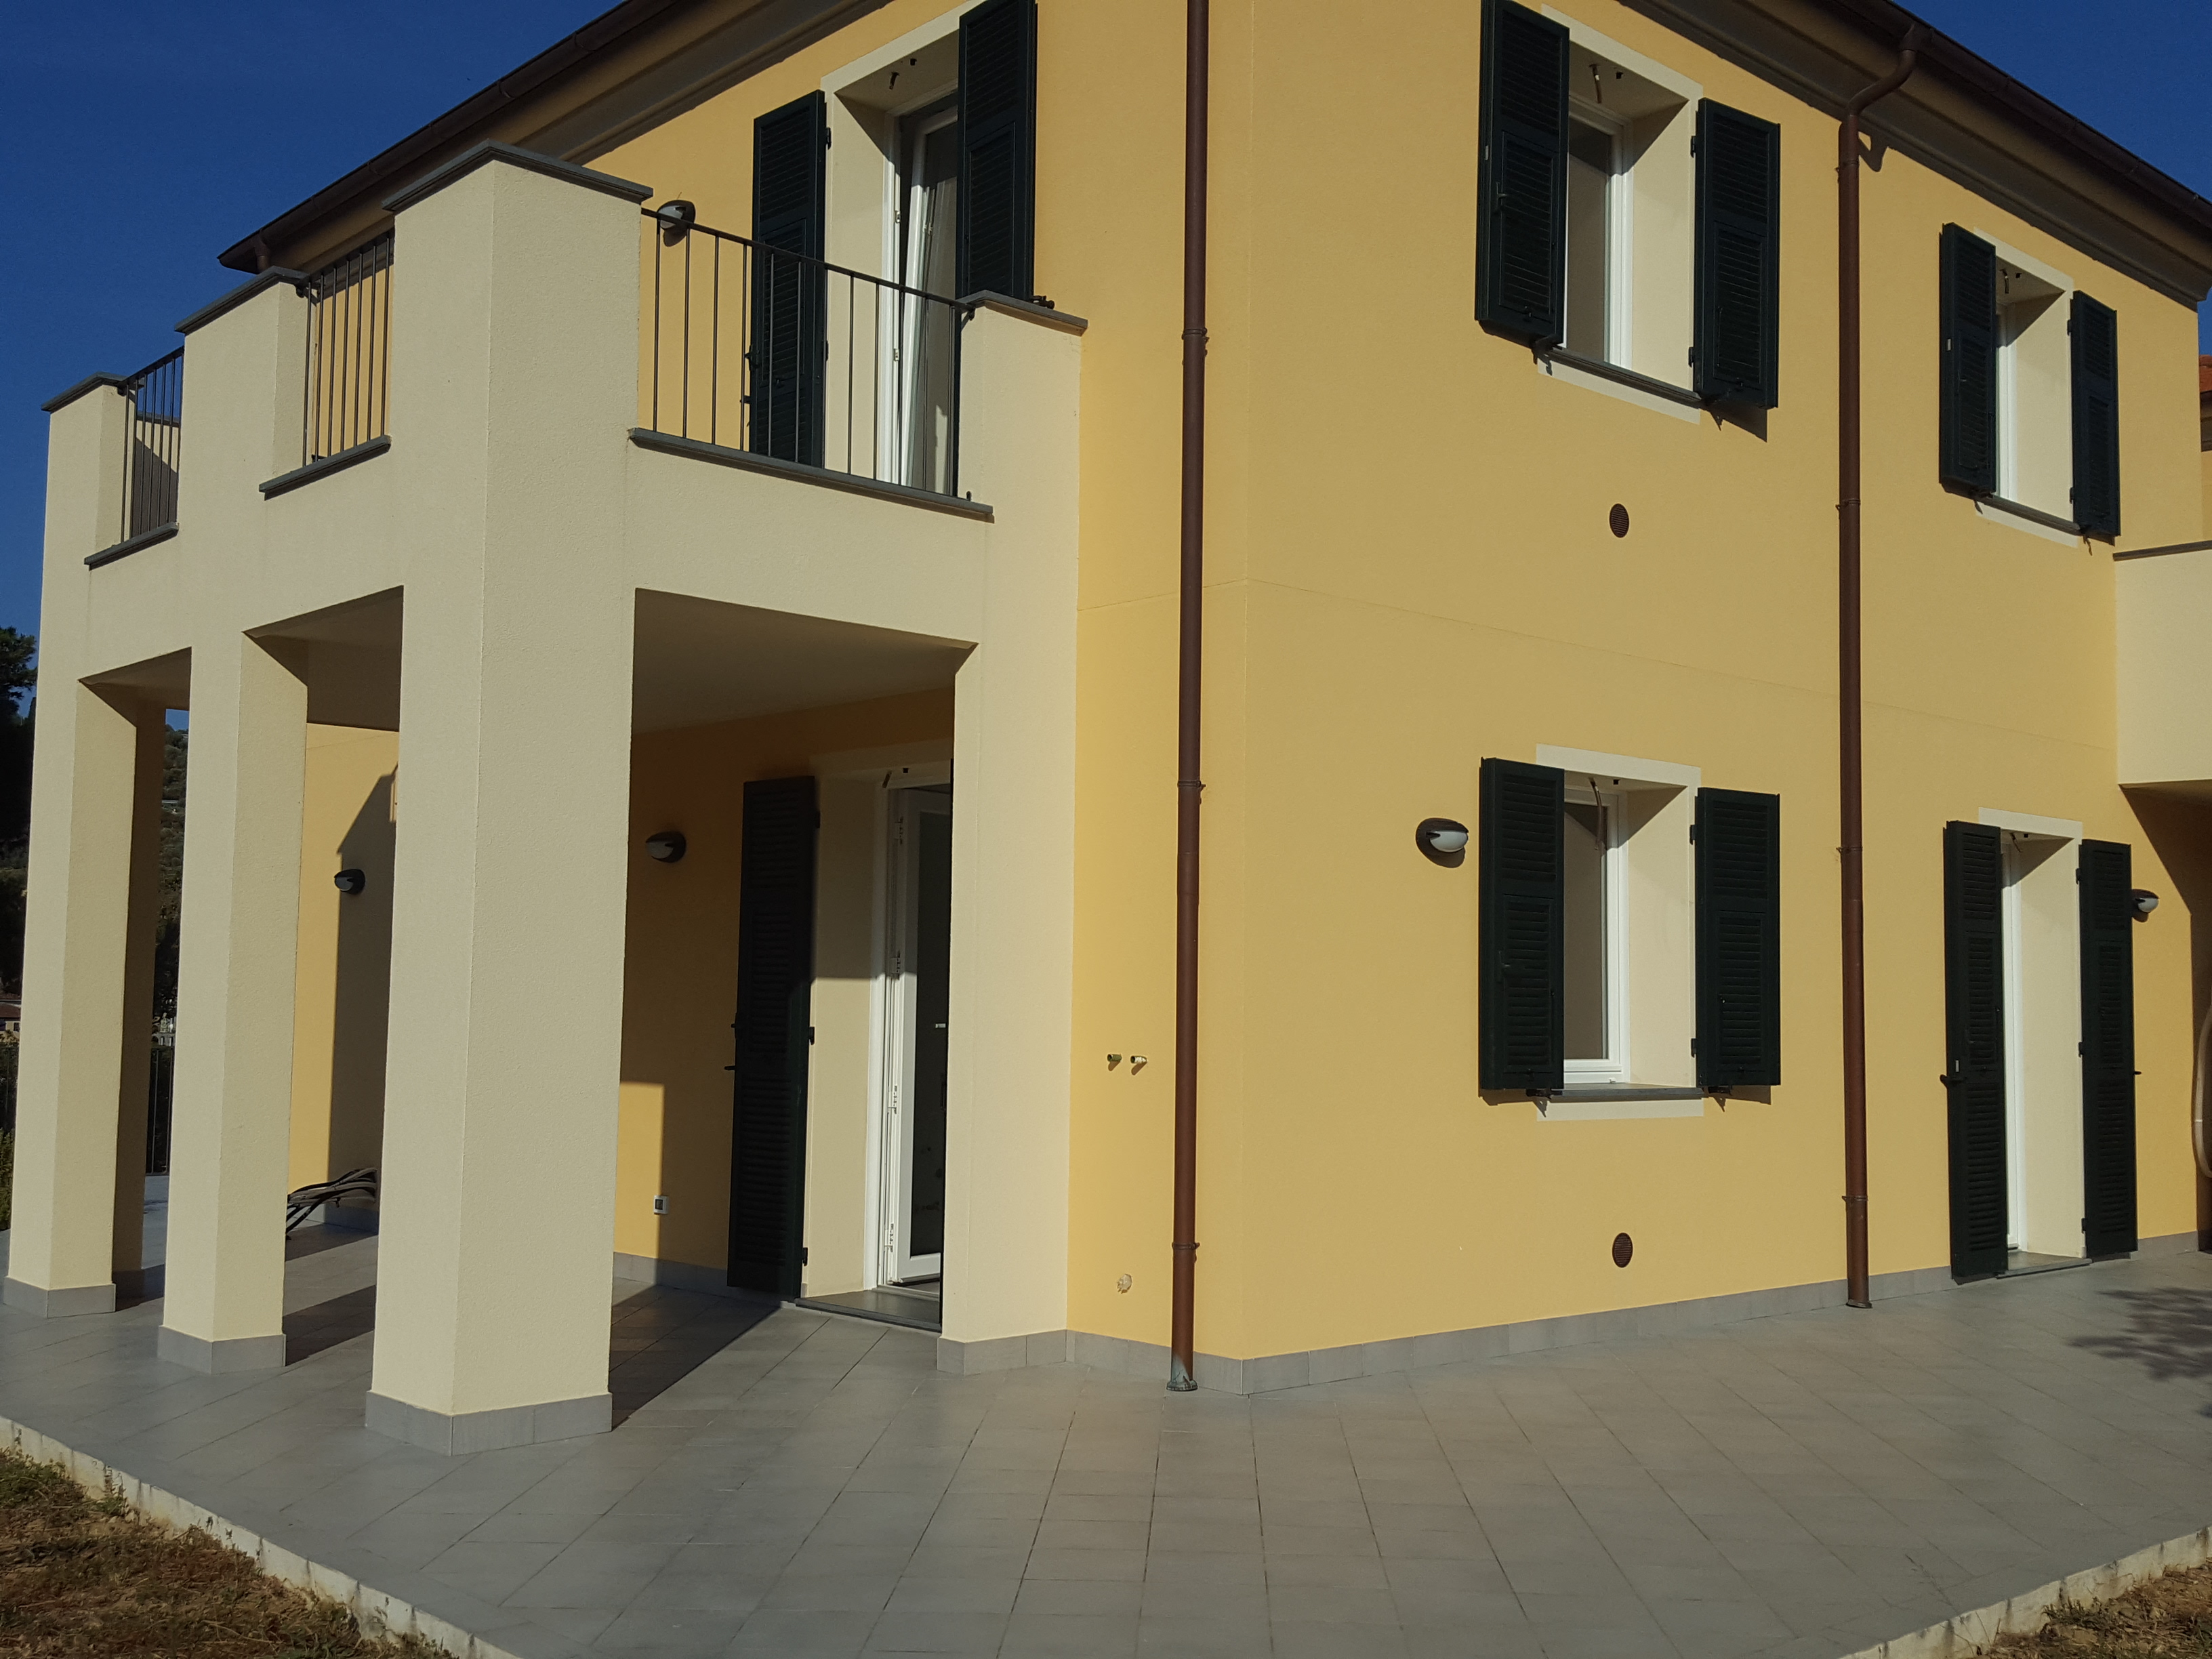 2 bedroom flat in villa in Caramagna